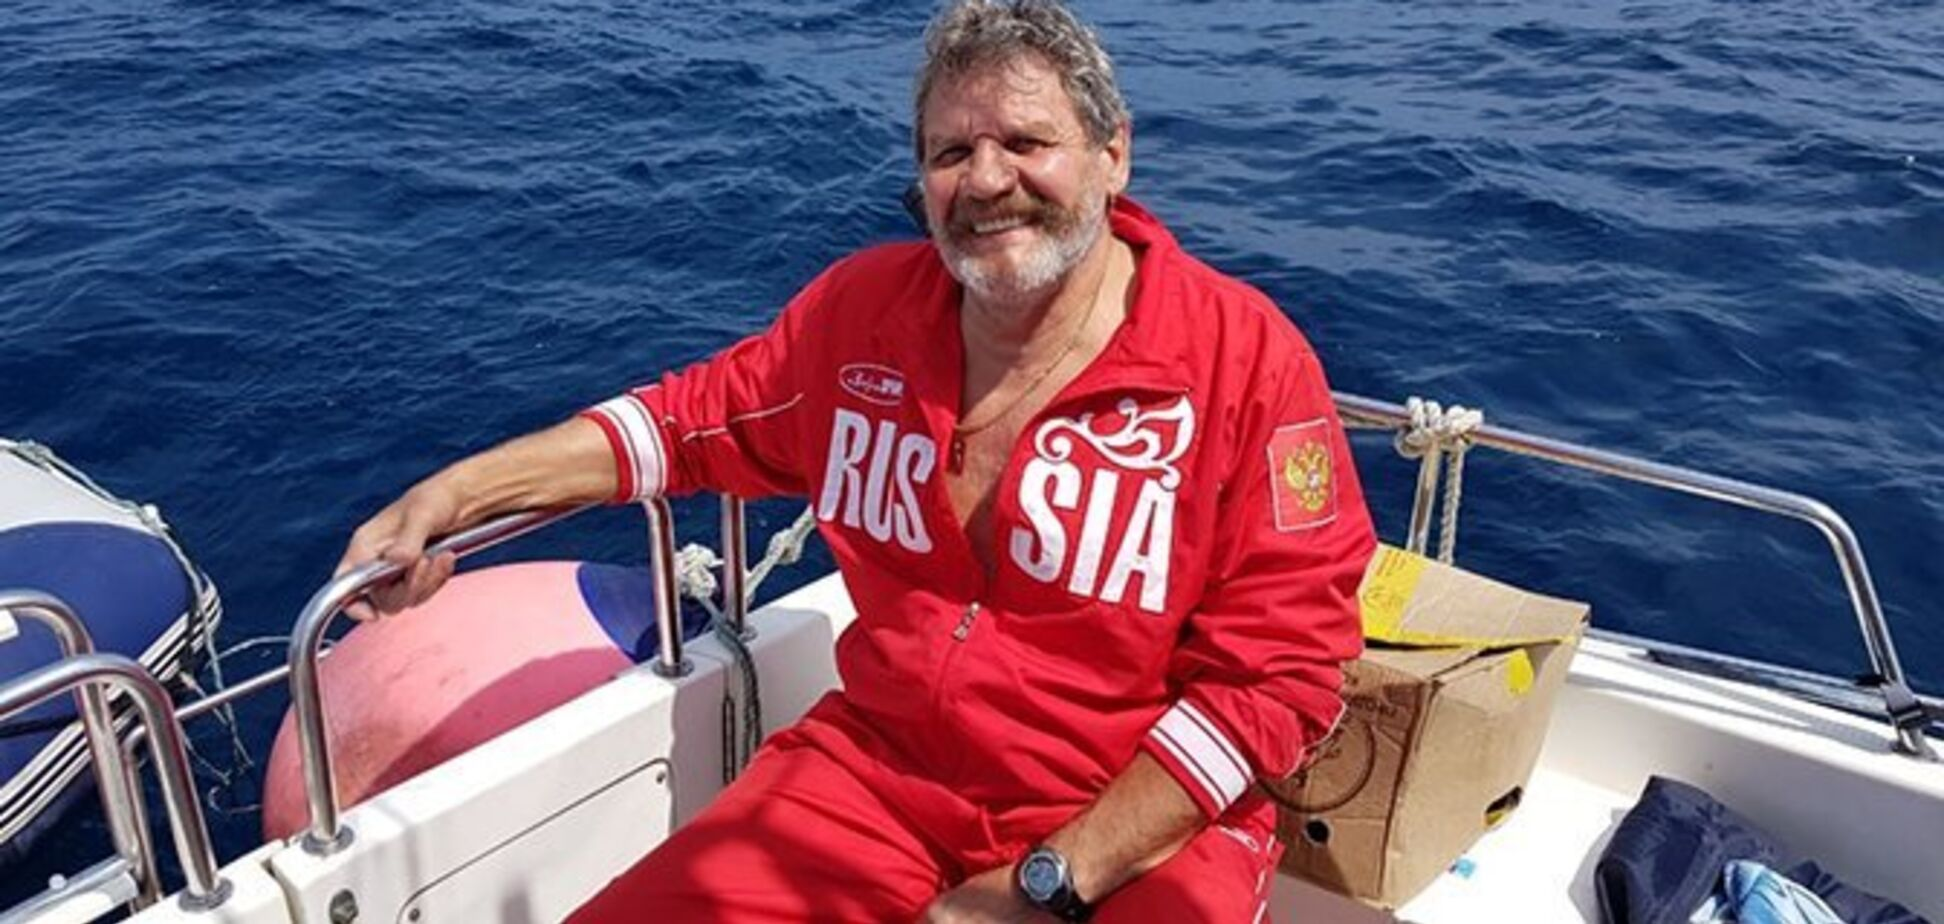 Чемпион мира по плаванию утонул в России: подробности смерти